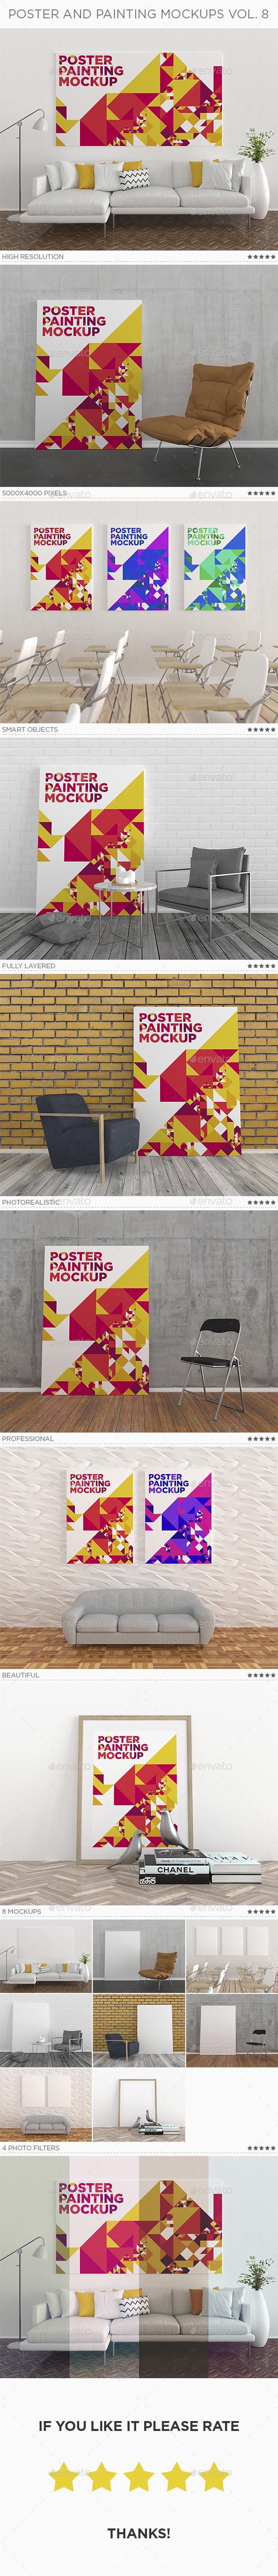 Poster Painting Mockup Vol. 8 - Print Product Mock-Ups